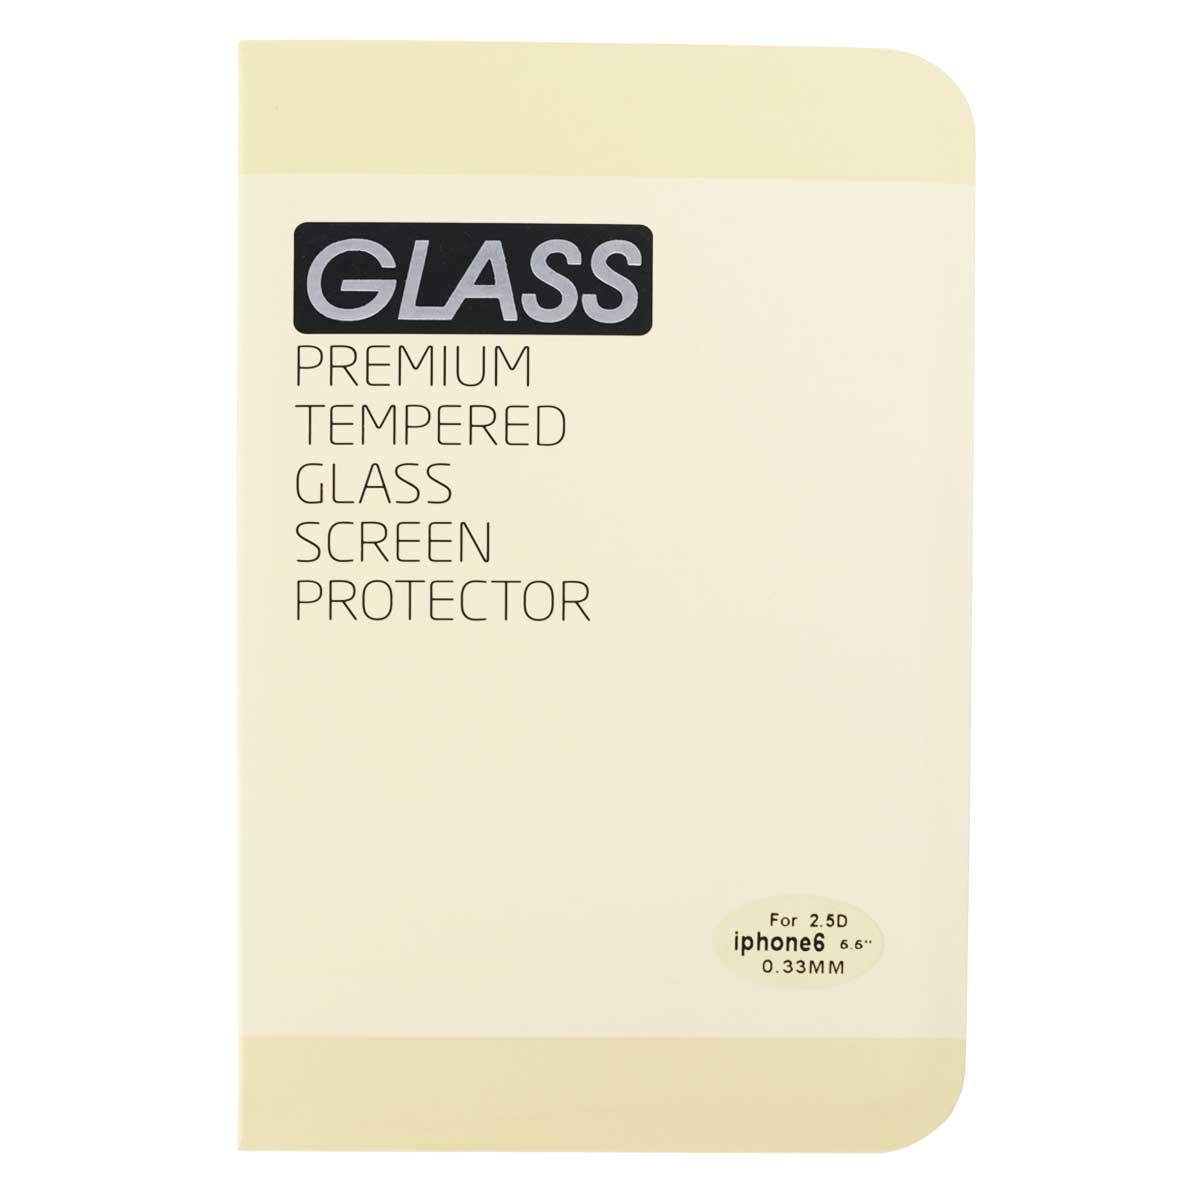 Liberty Project Tempered Glass защитное стекло для iPhone 6 Plus, Clear (0,33 мм)R0006529Защитное стекло Liberty Project Tempered Glass предназначено для защиты поверхности экрана, от царапин, потертостей, отпечатков пальцев и прочих следов механического воздействия. Гарантирует высокую чувствительность при работе с устройством. Данная модель также обладает антибликовым и водоотталкивающим эффектом.